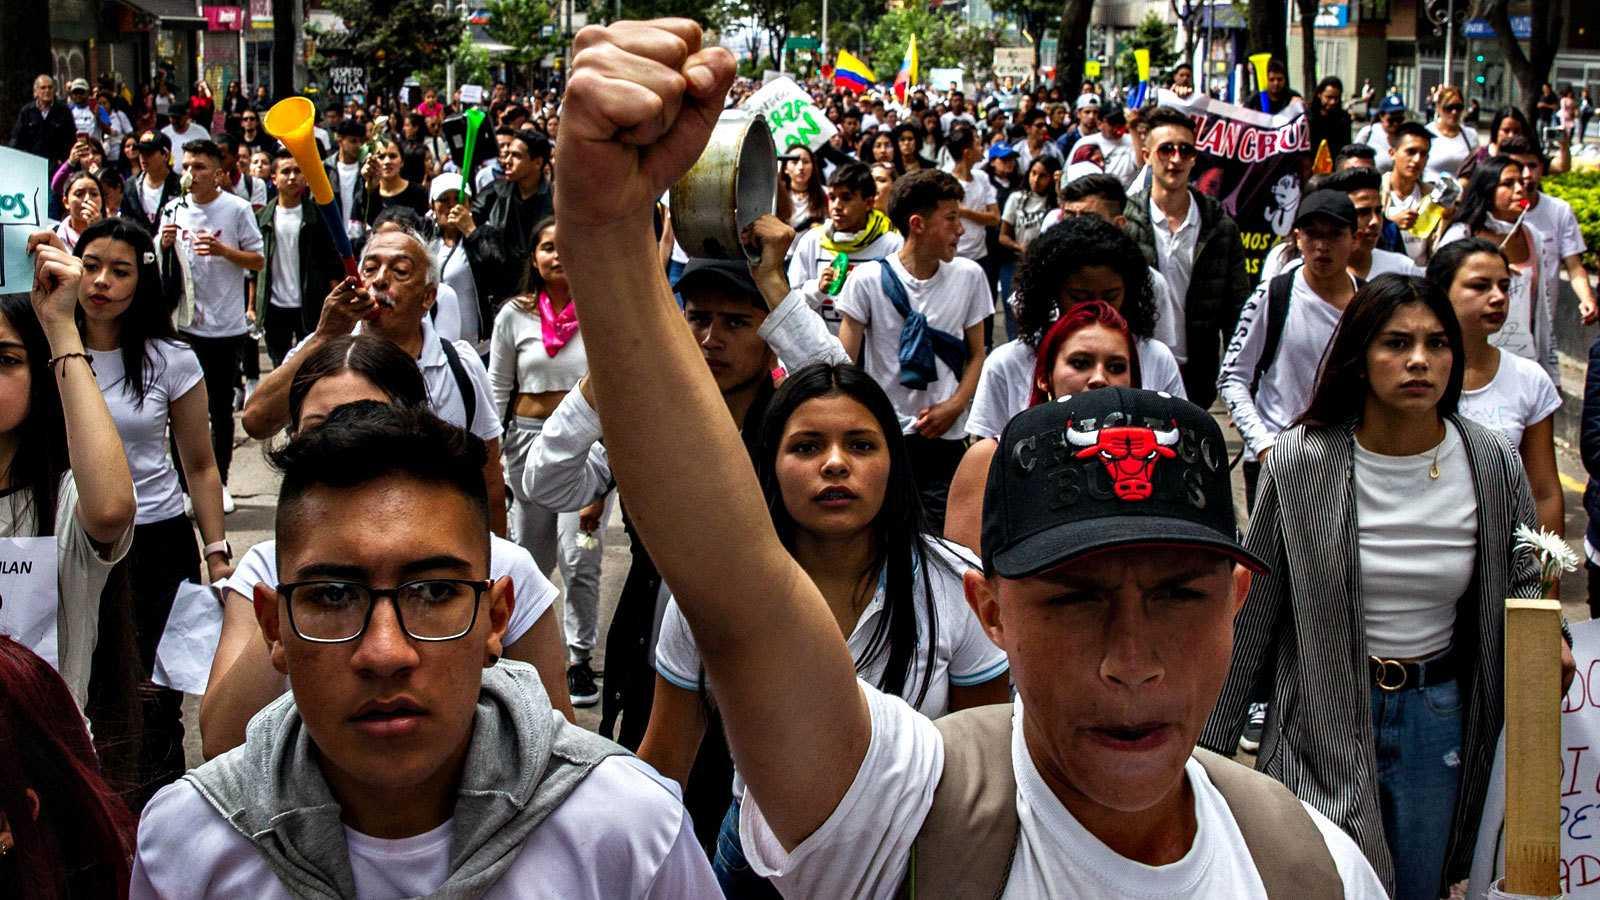 Las protestas continúan en Colombia pese al inicio del diálogo con el Gobierno